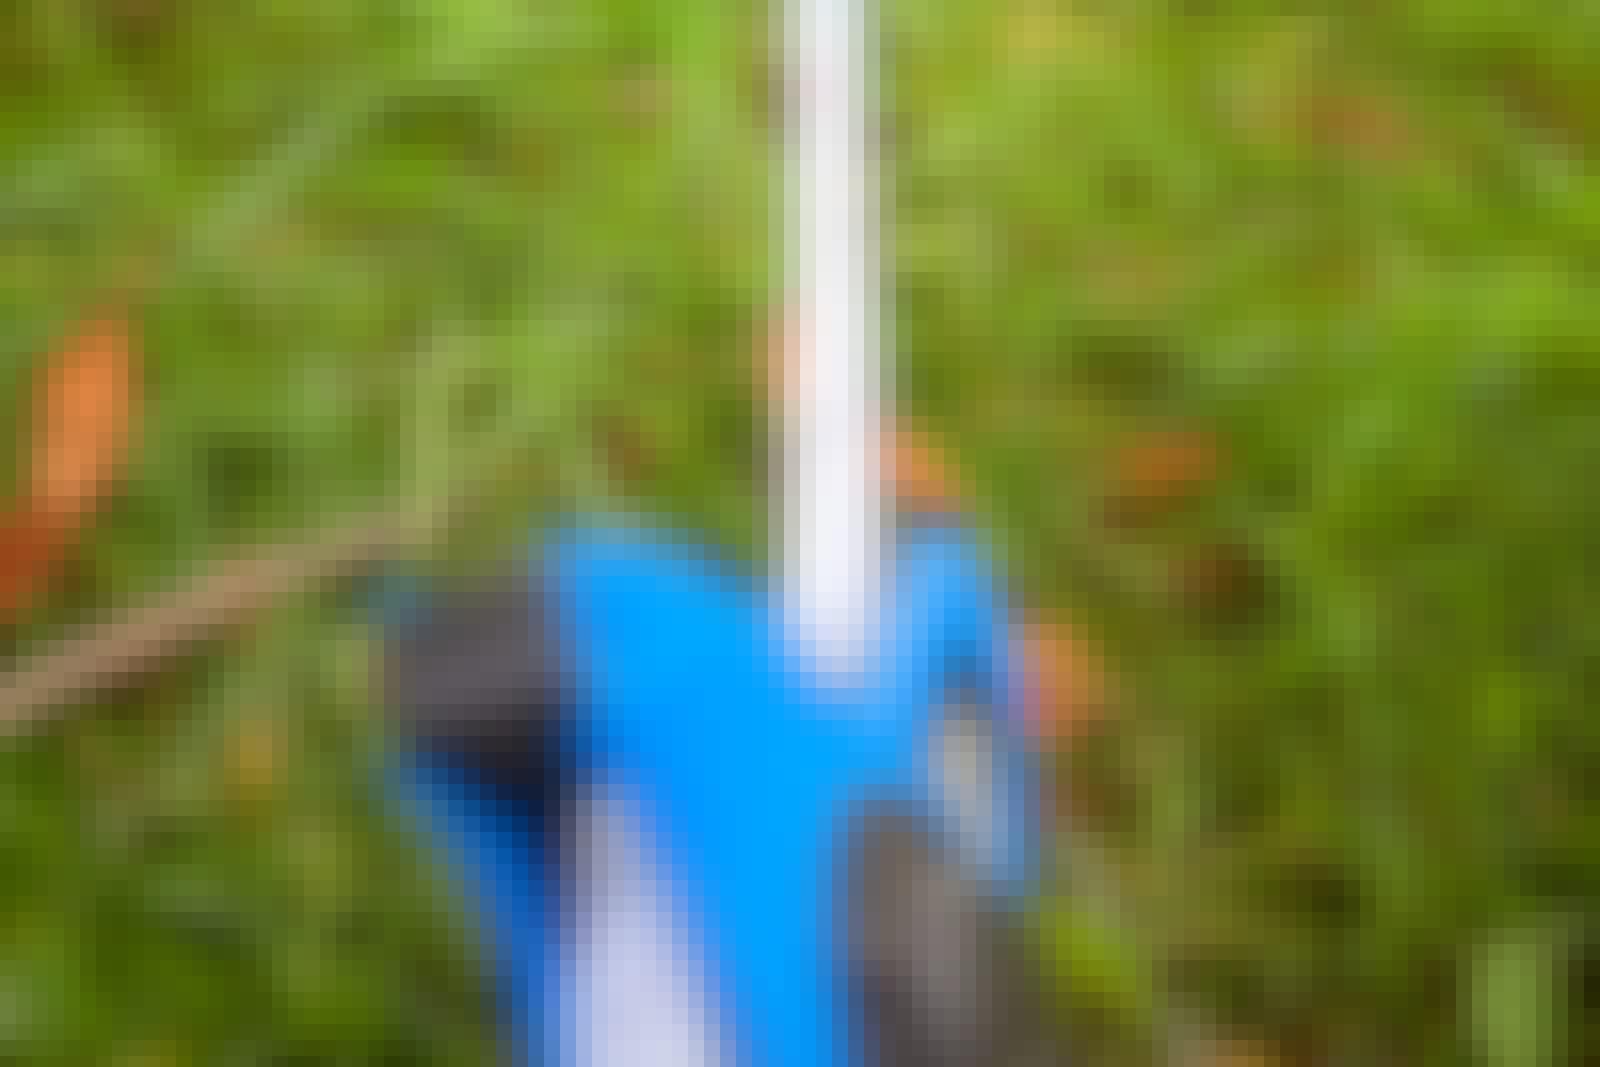 Mål plænens areal op (det er typisk nemmest at dele plænen op i felter, hvis den ikke er en regulær firkant).